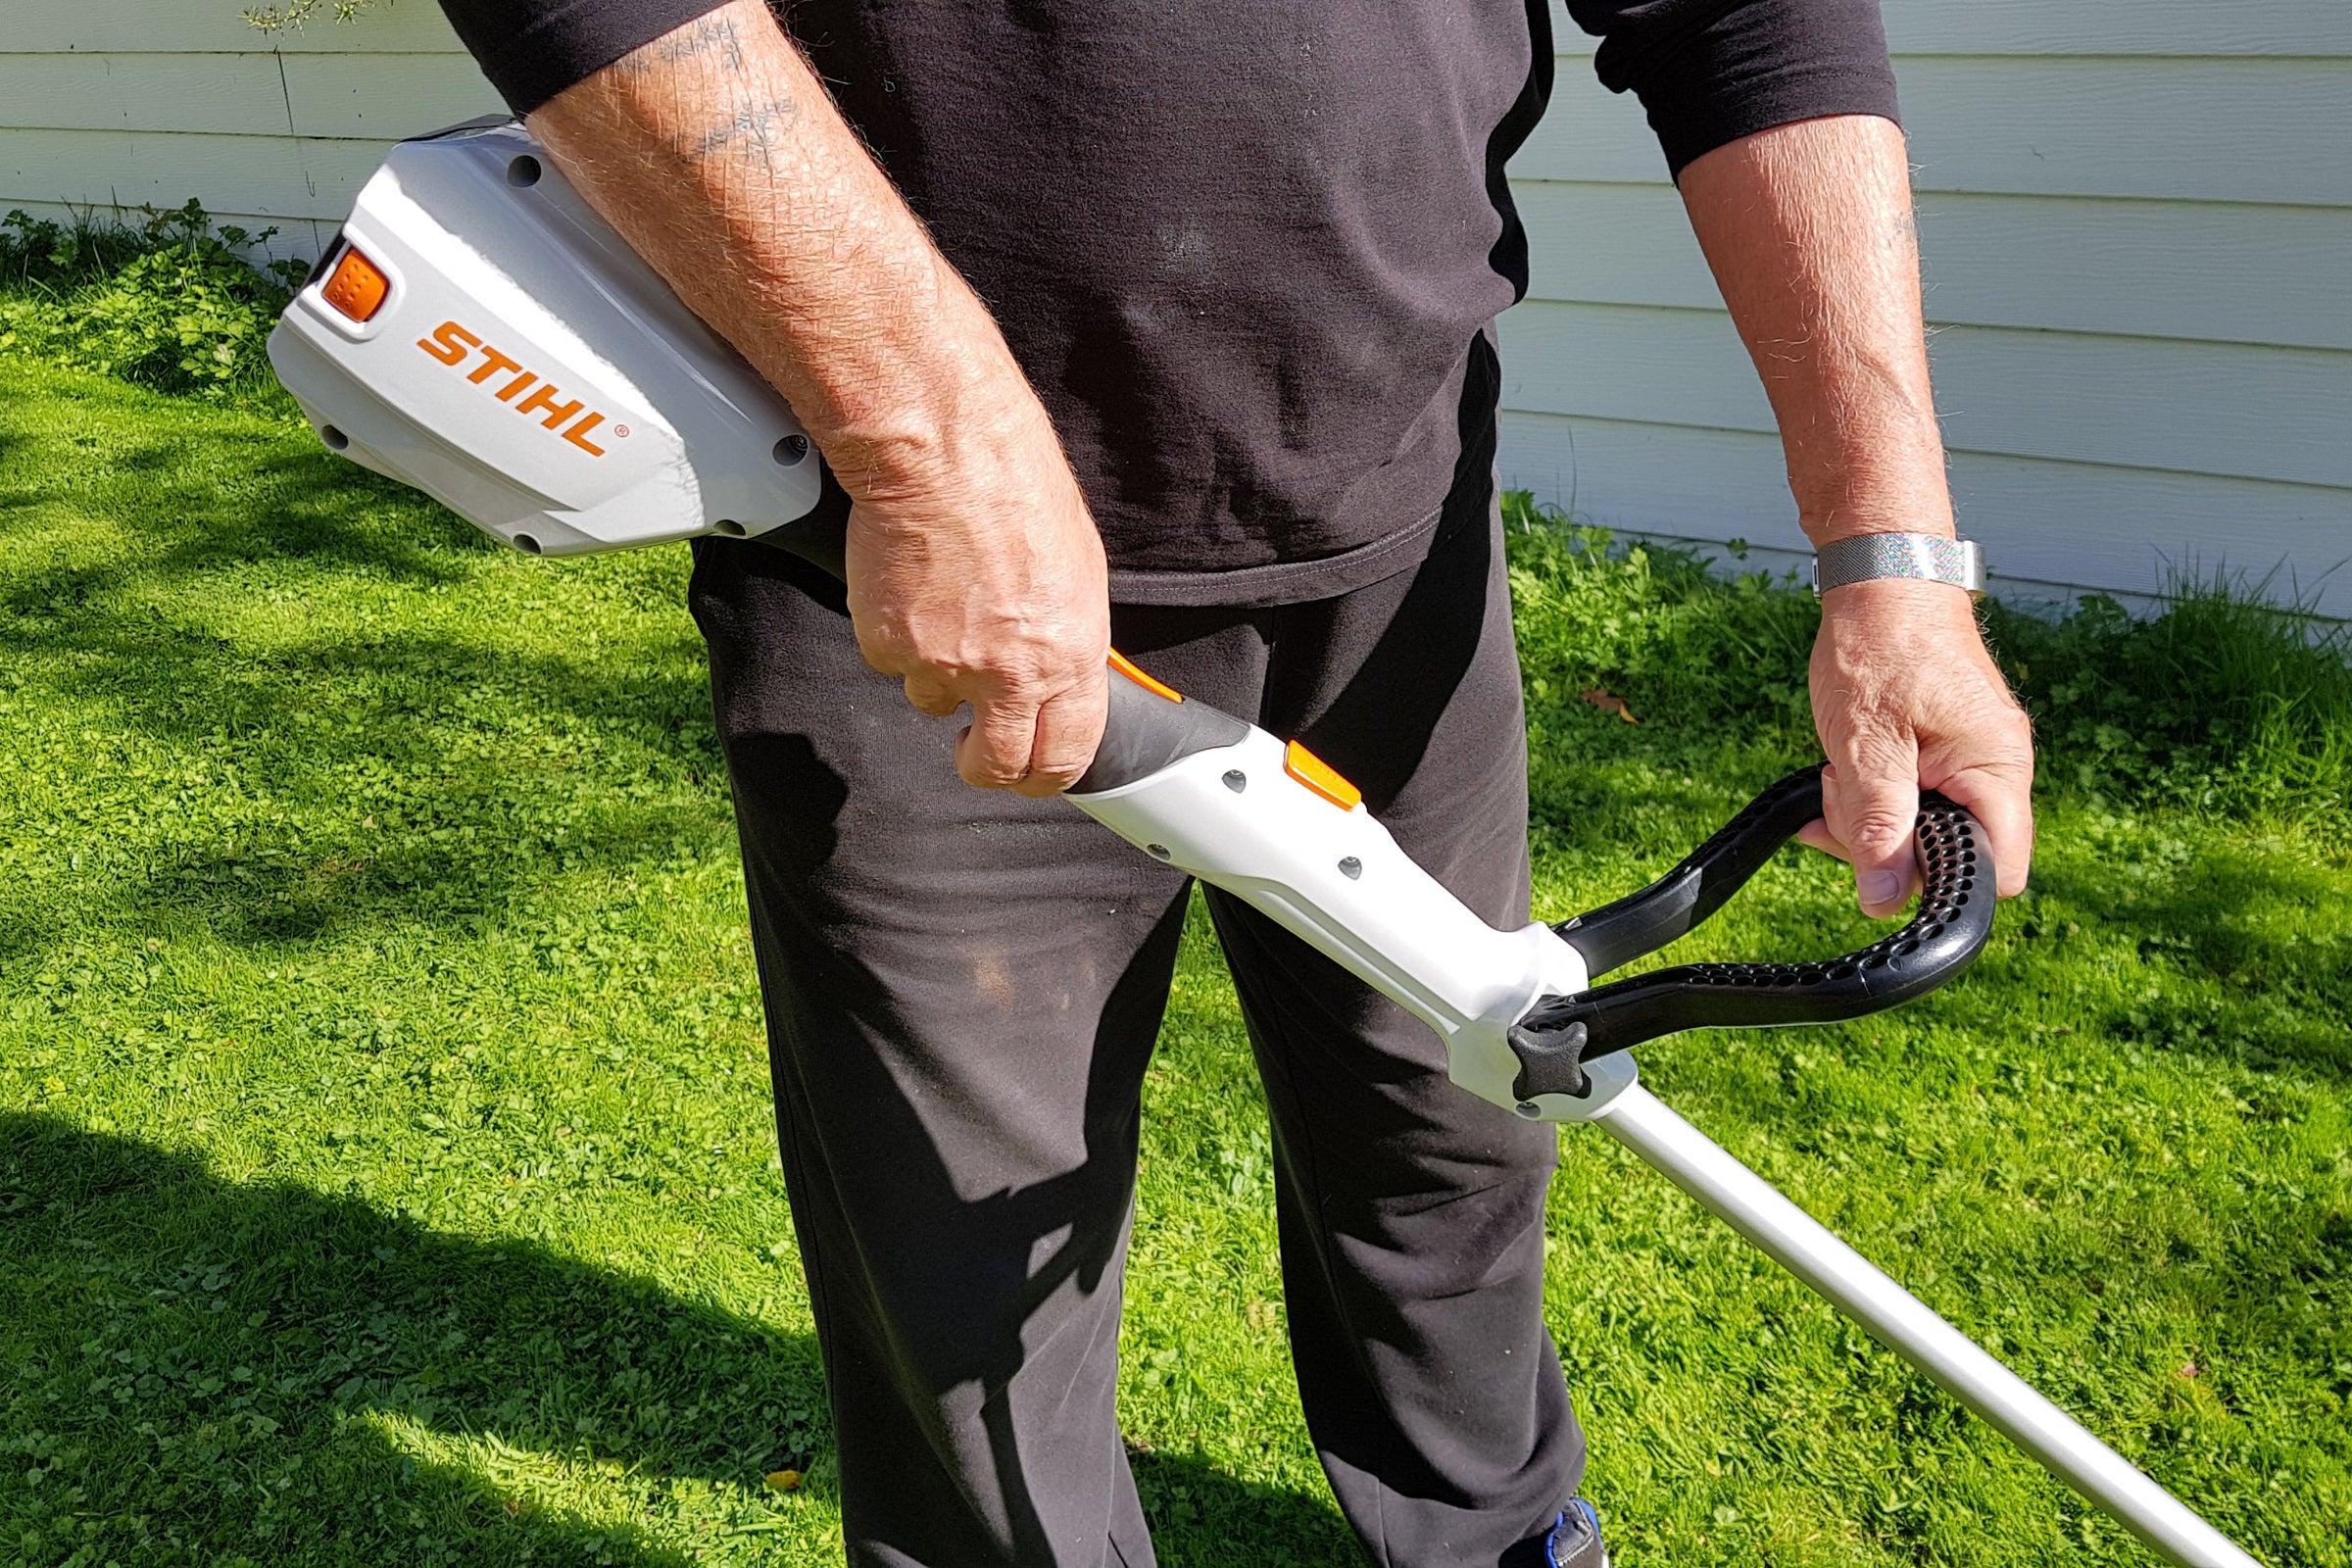 stihl-fsa-56-grass-trimmer-17-1-jpg.jpg